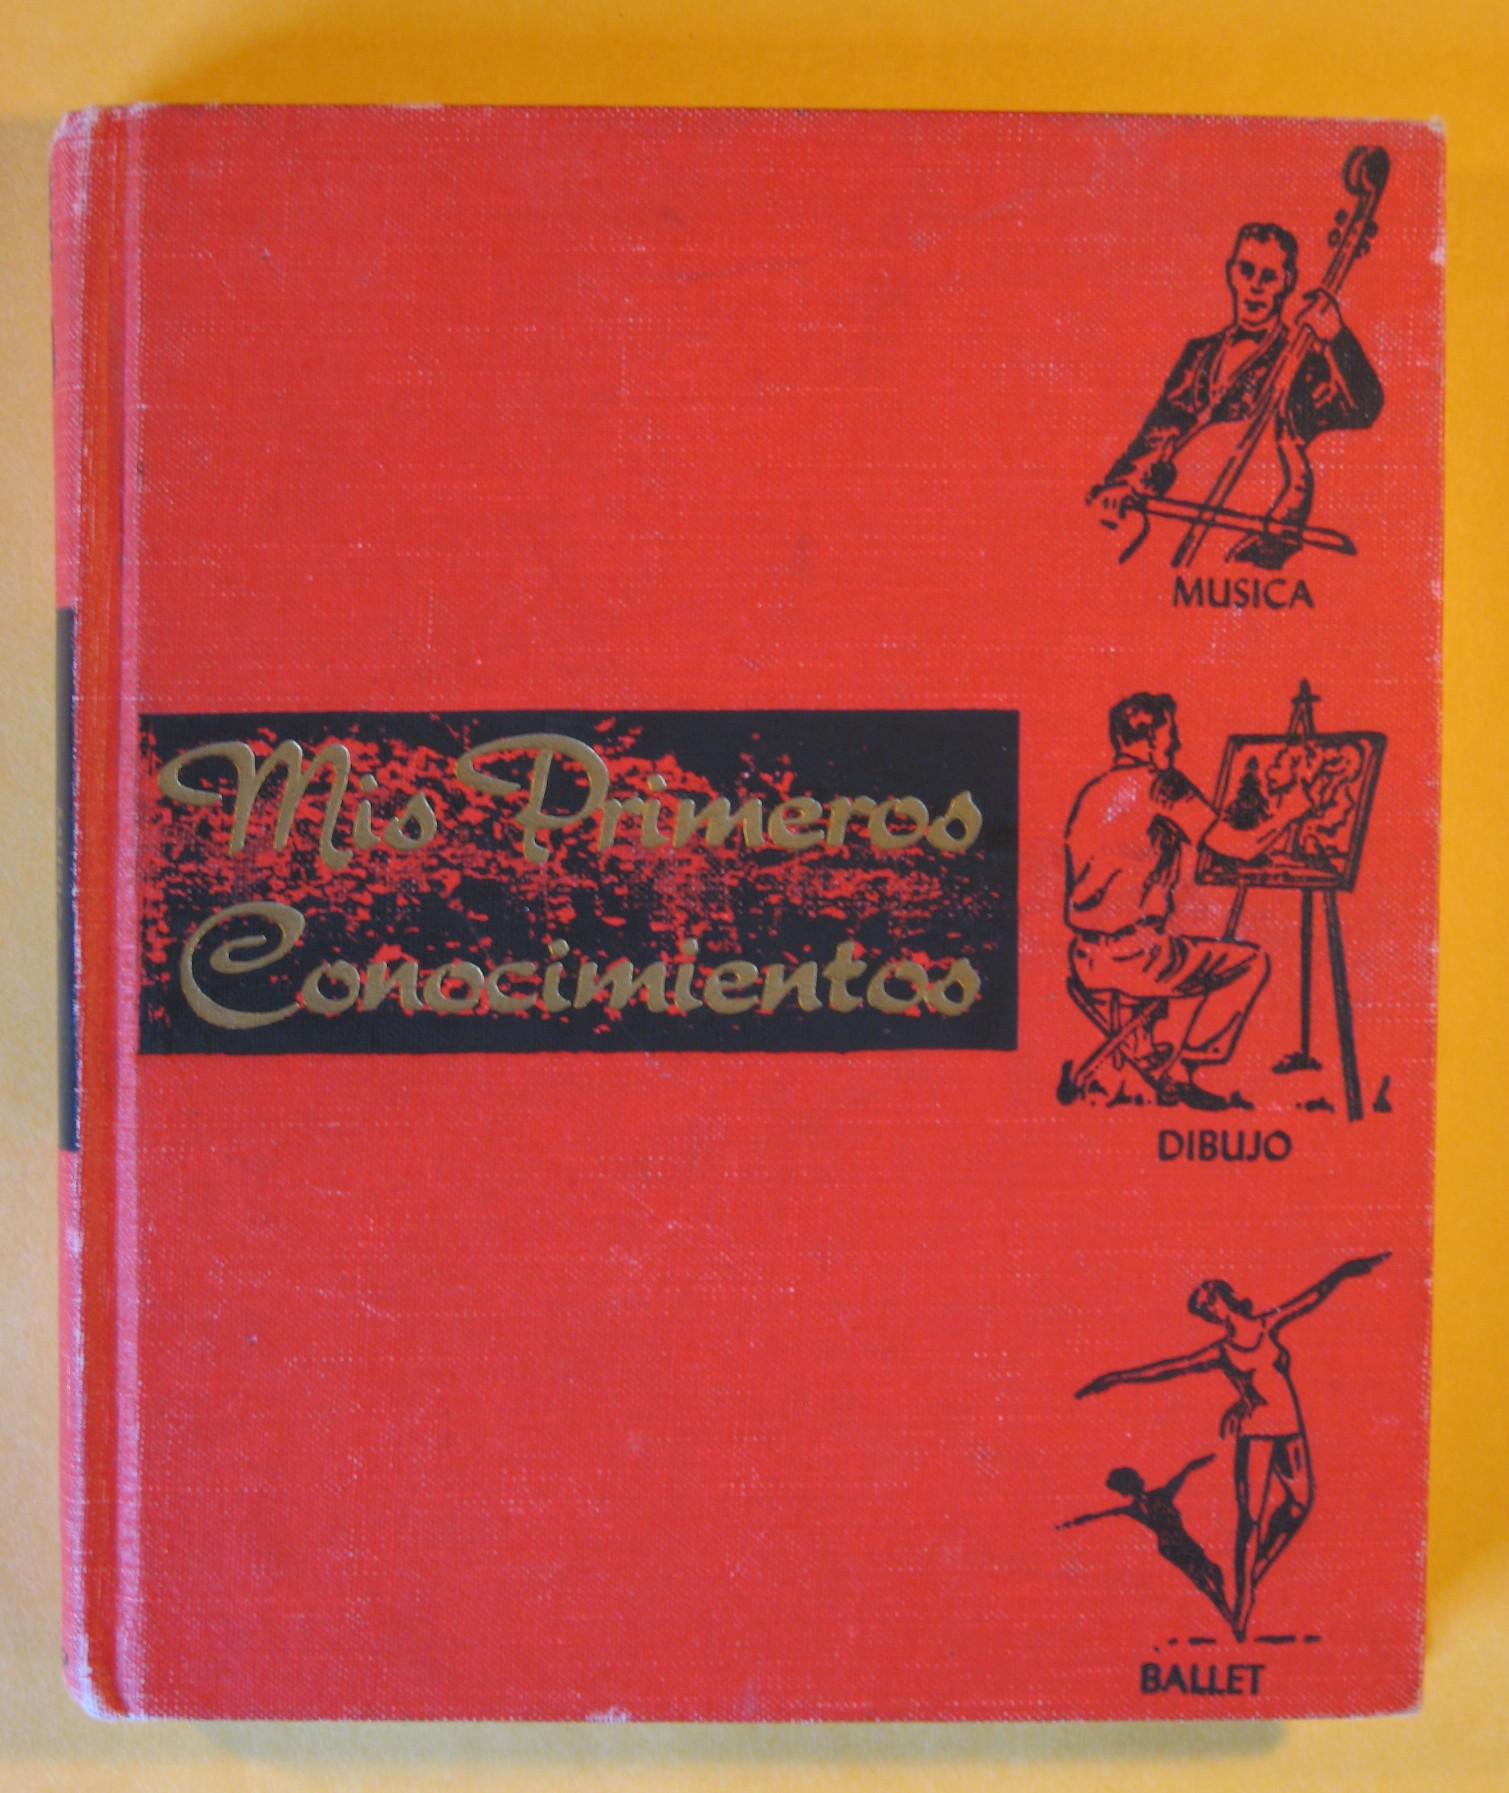 Mis Primeros Conocimientos Musica Dibujo Ballet, Gertrude Norman; Louis Slobodkin; Noel Streatfeild